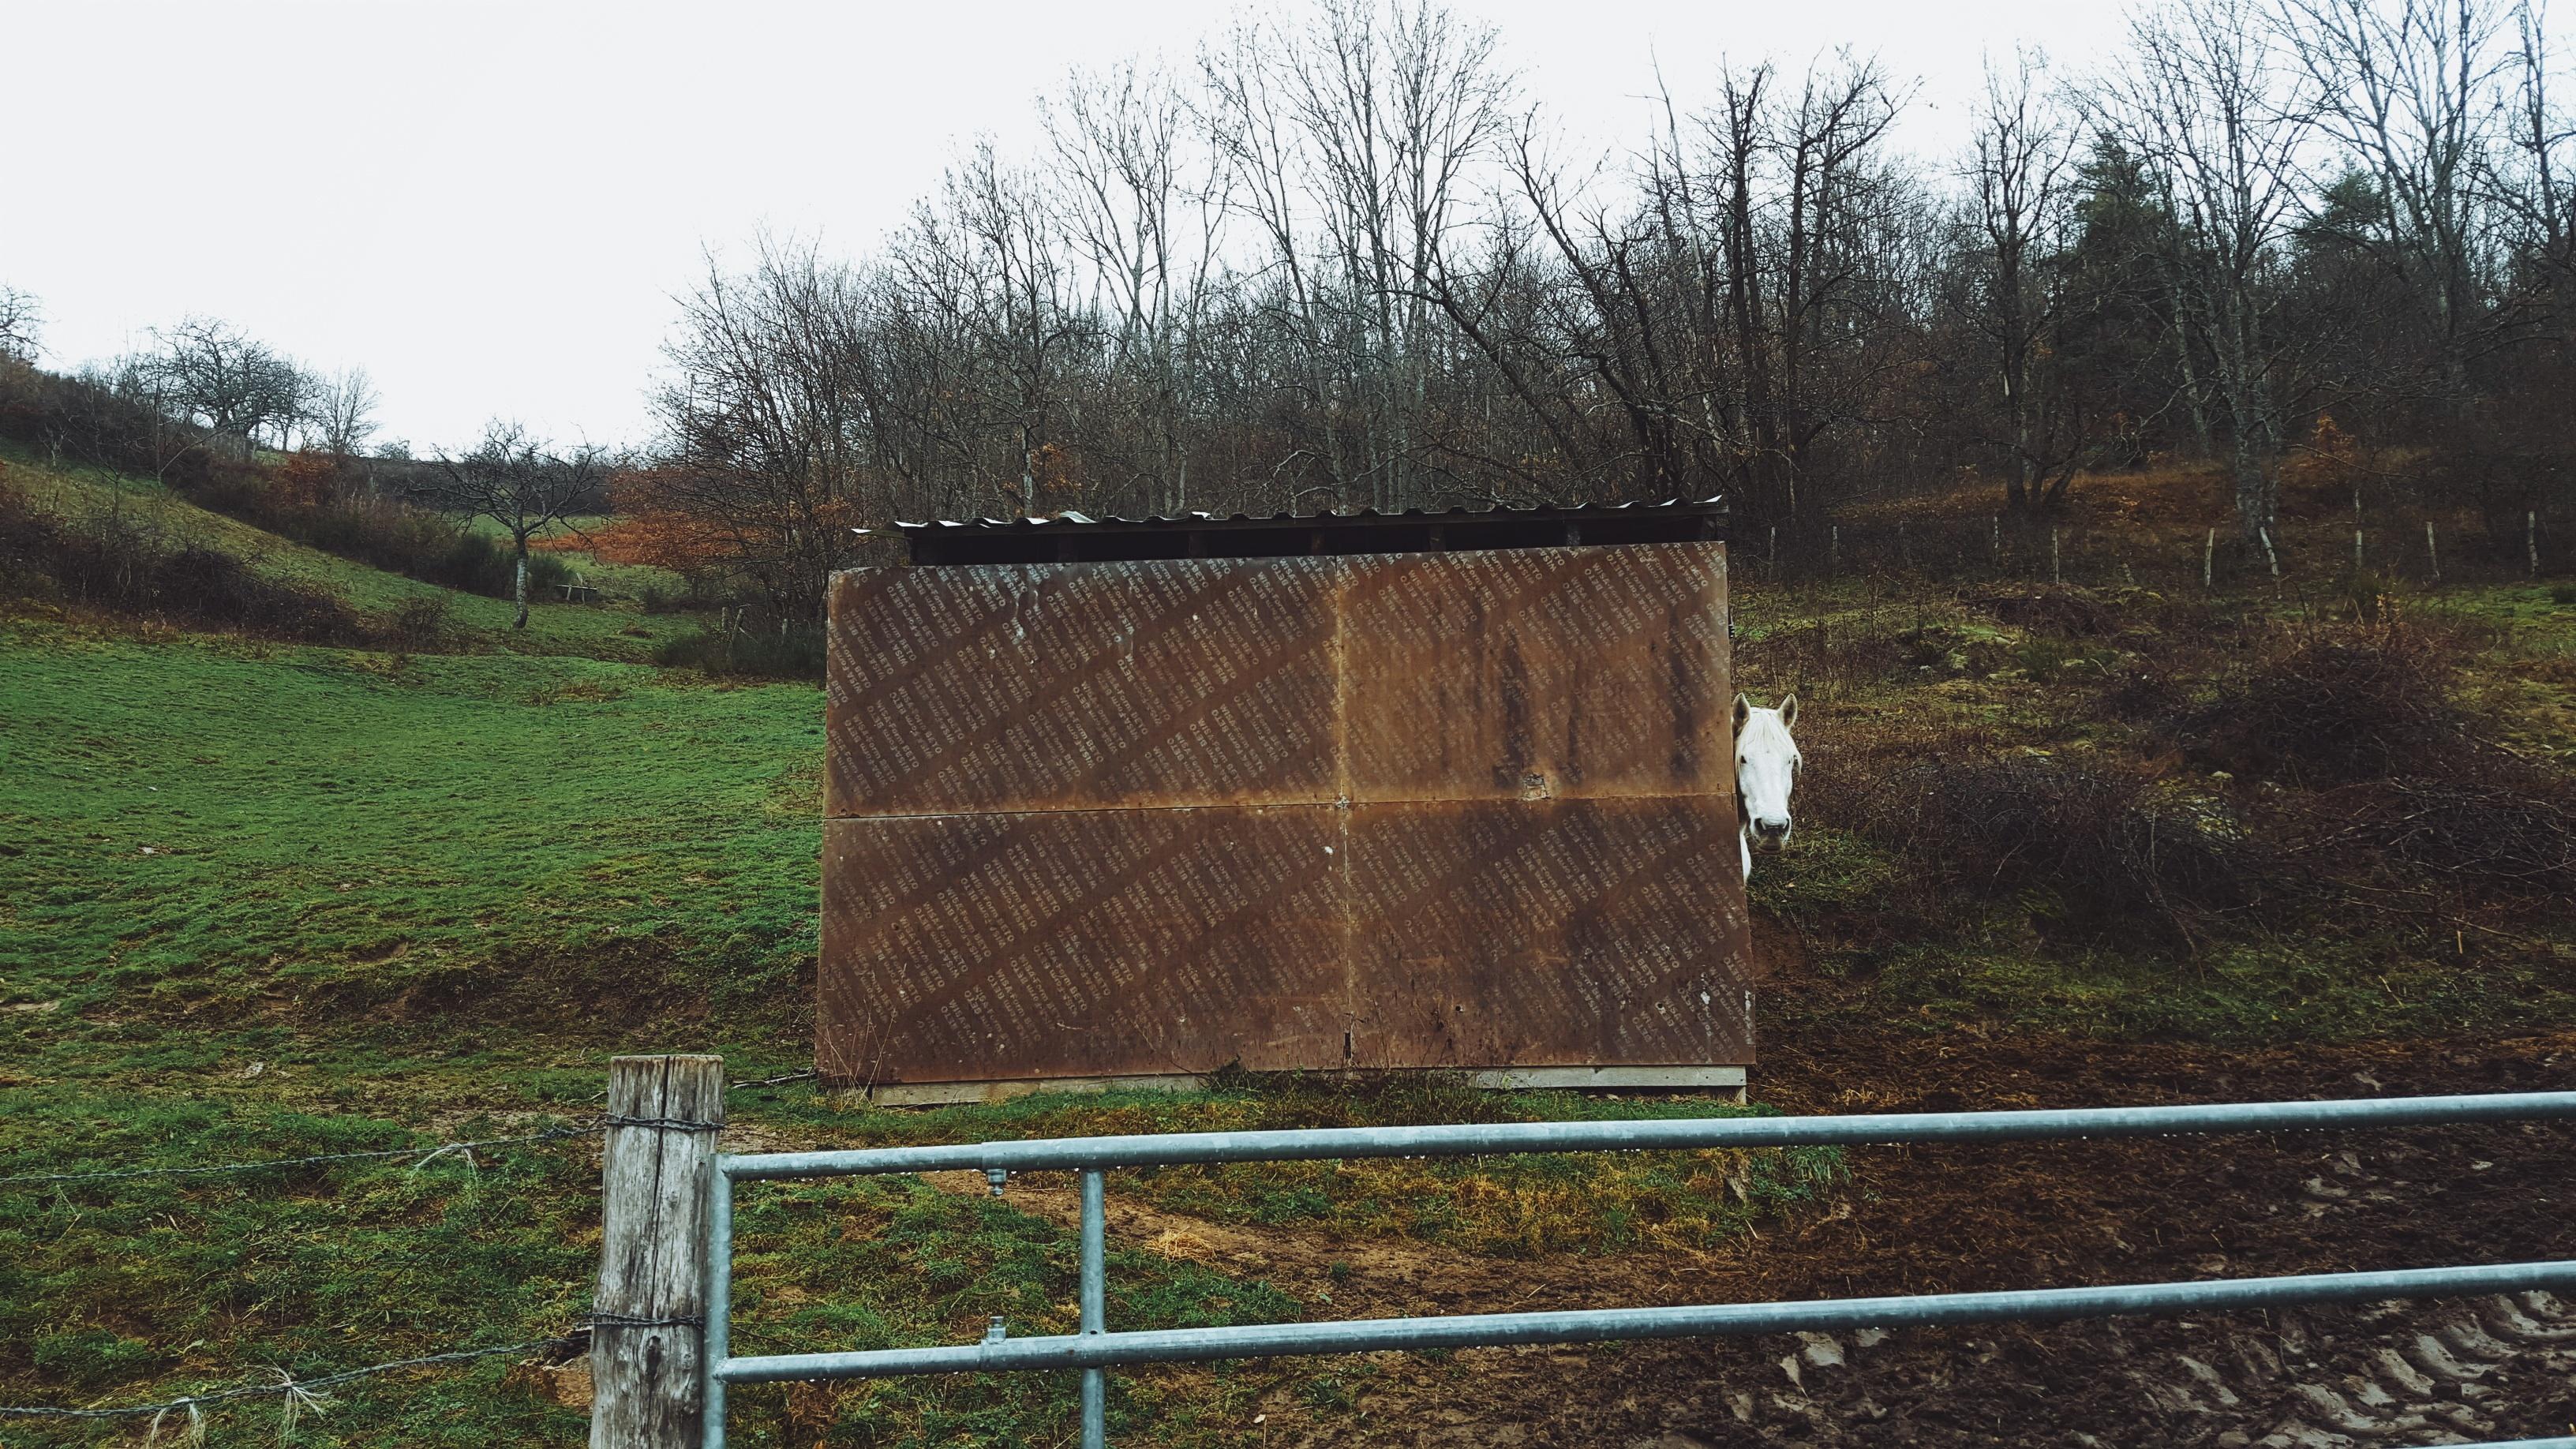 Kostenlose foto Baum Zaun Holz Bauernhof Scheune Mauer